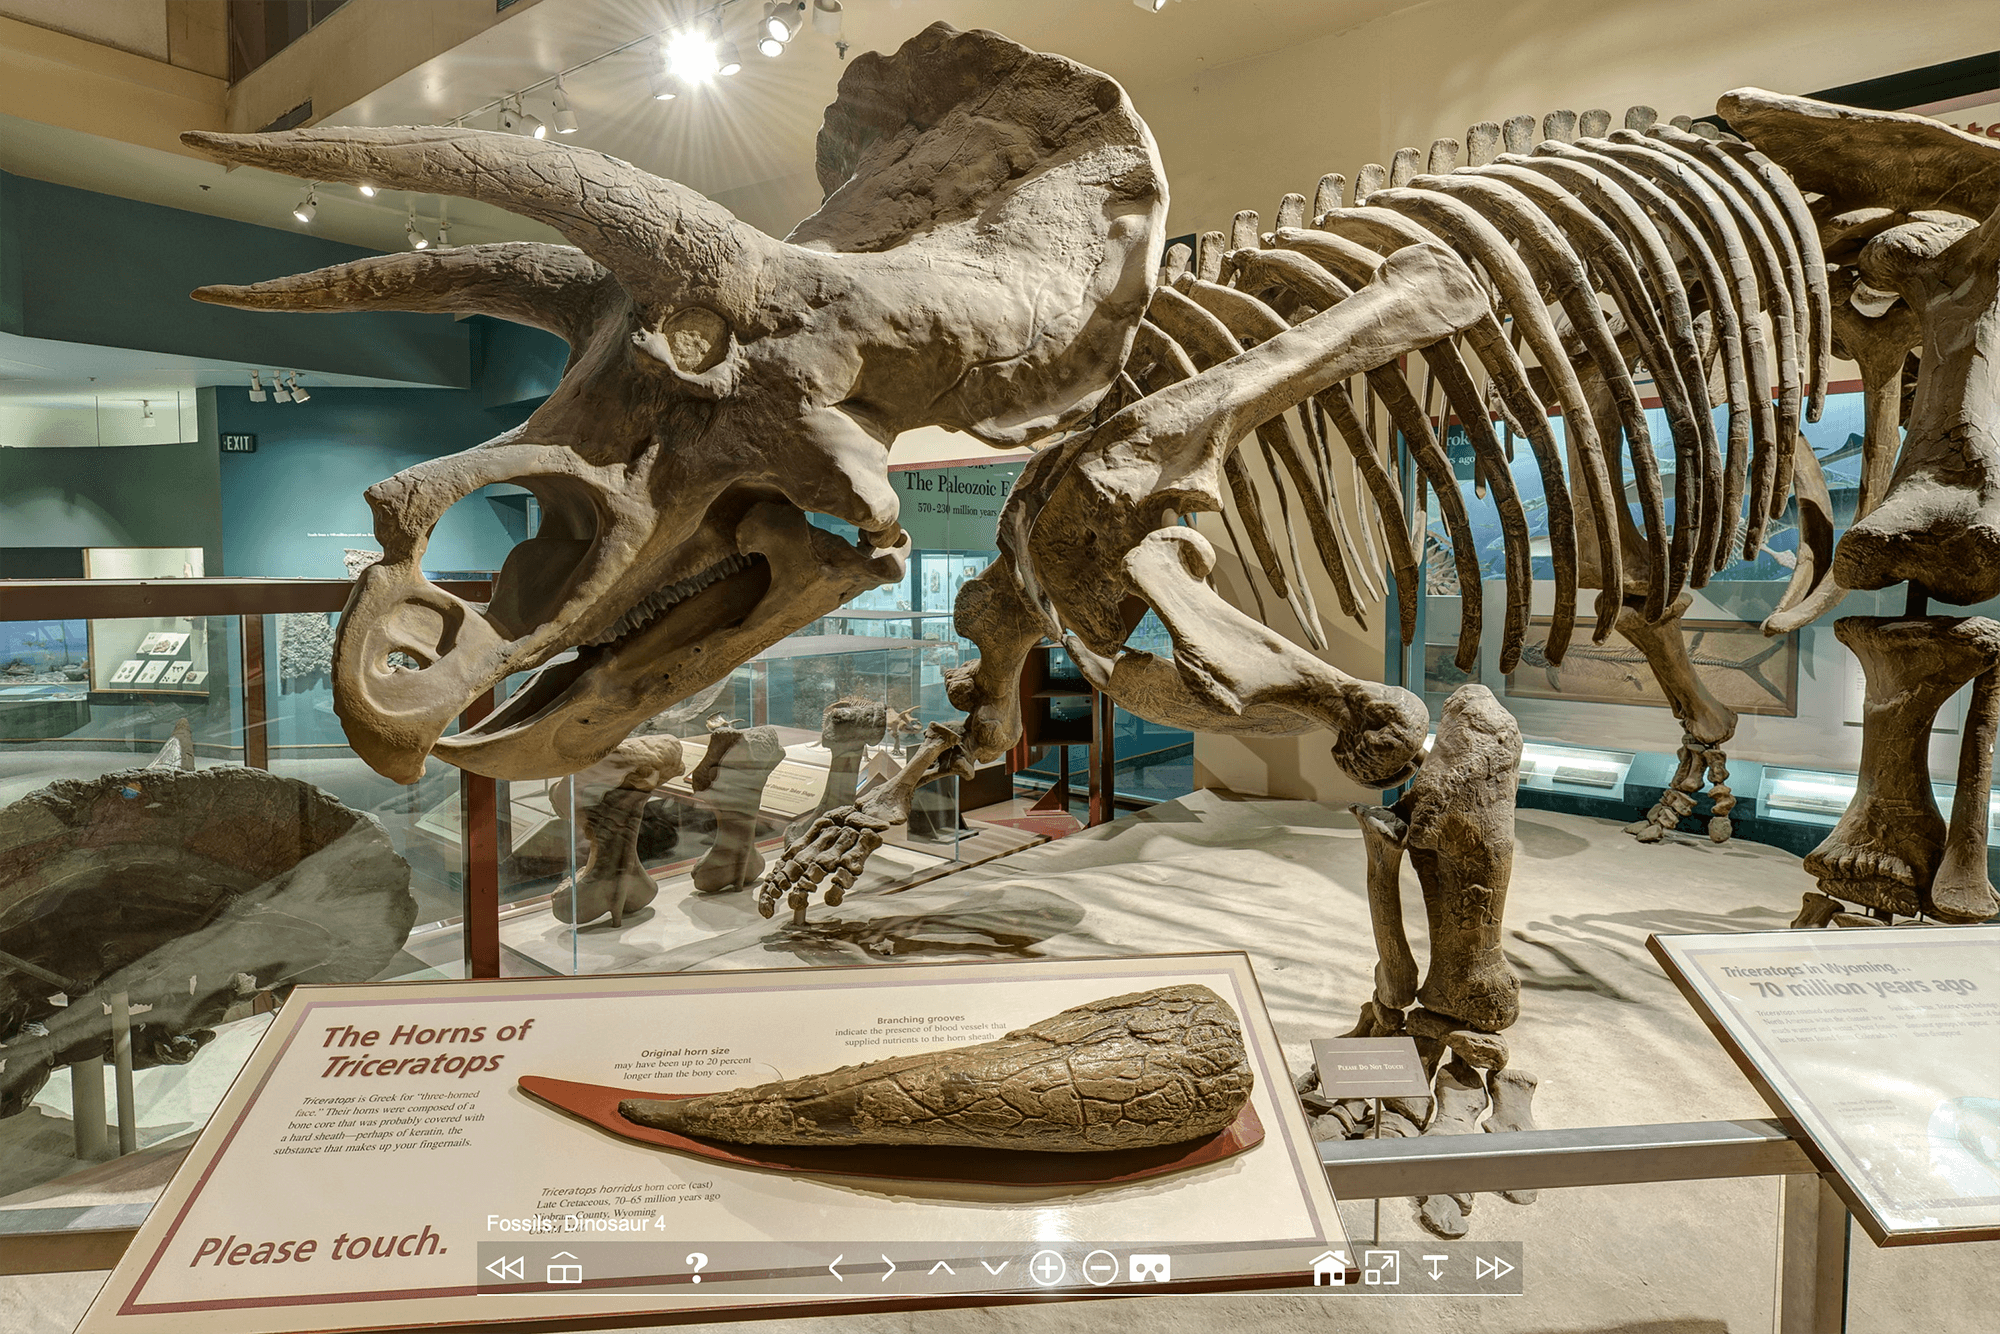 Зал динозавров, в котором есть скелет трицератопса